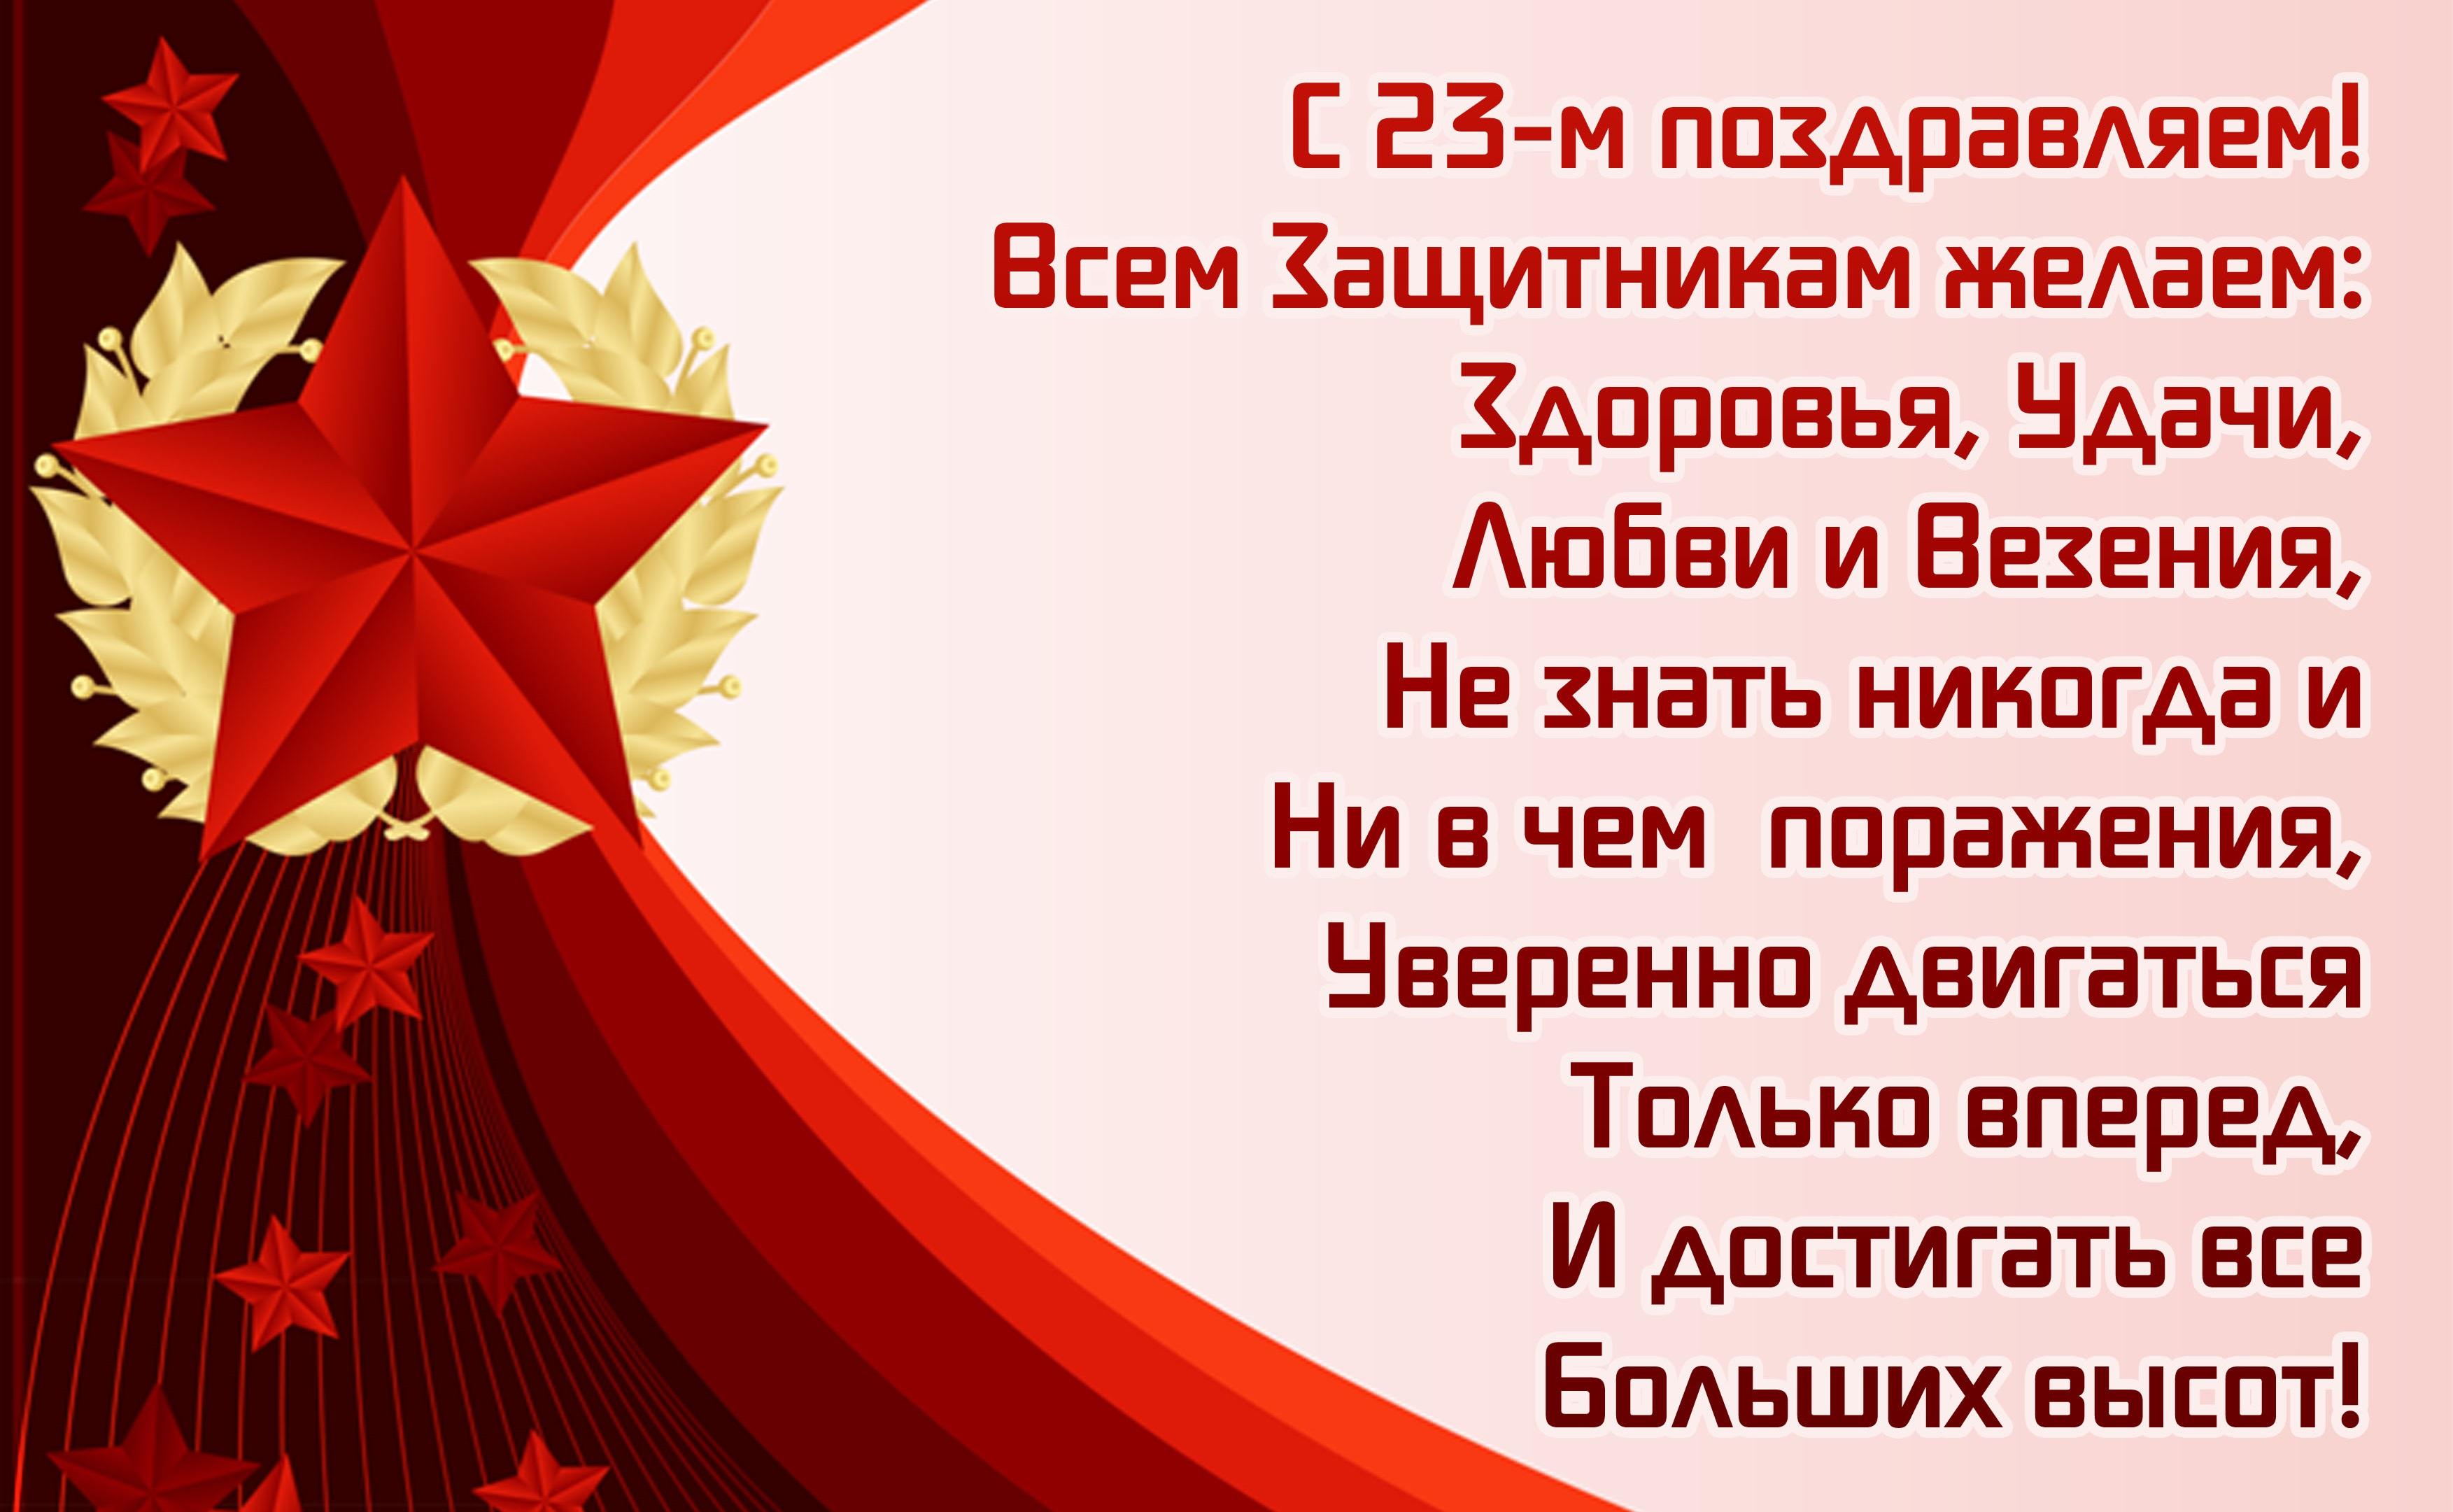 ❶Поздравление с 23 февраля в|Поздравление с 23 февраля женщине прикольные|Поздравления с 23 февраля! — Союз Десантников России|Поздравление с 23 февраля,Днем...|}